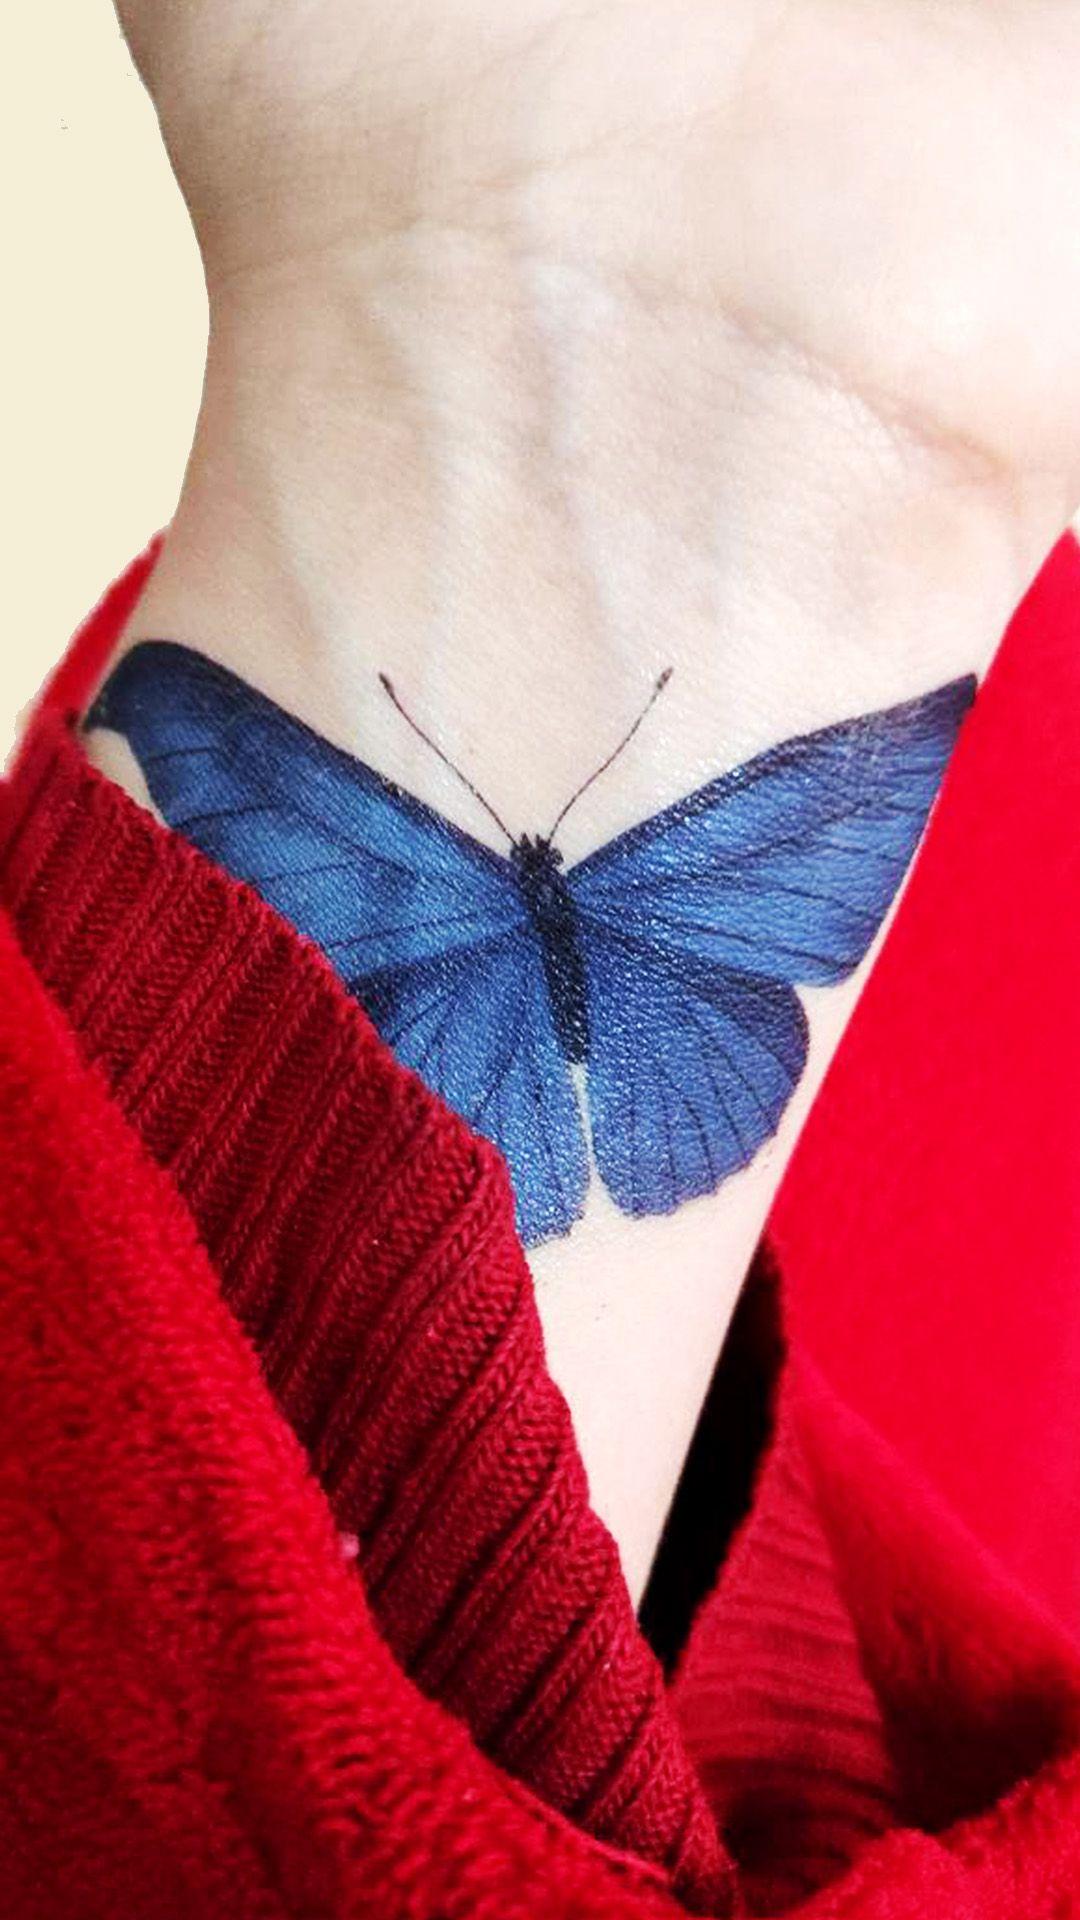 تاتو الفراشة الزرقاء Tattoos Triangle Tattoo